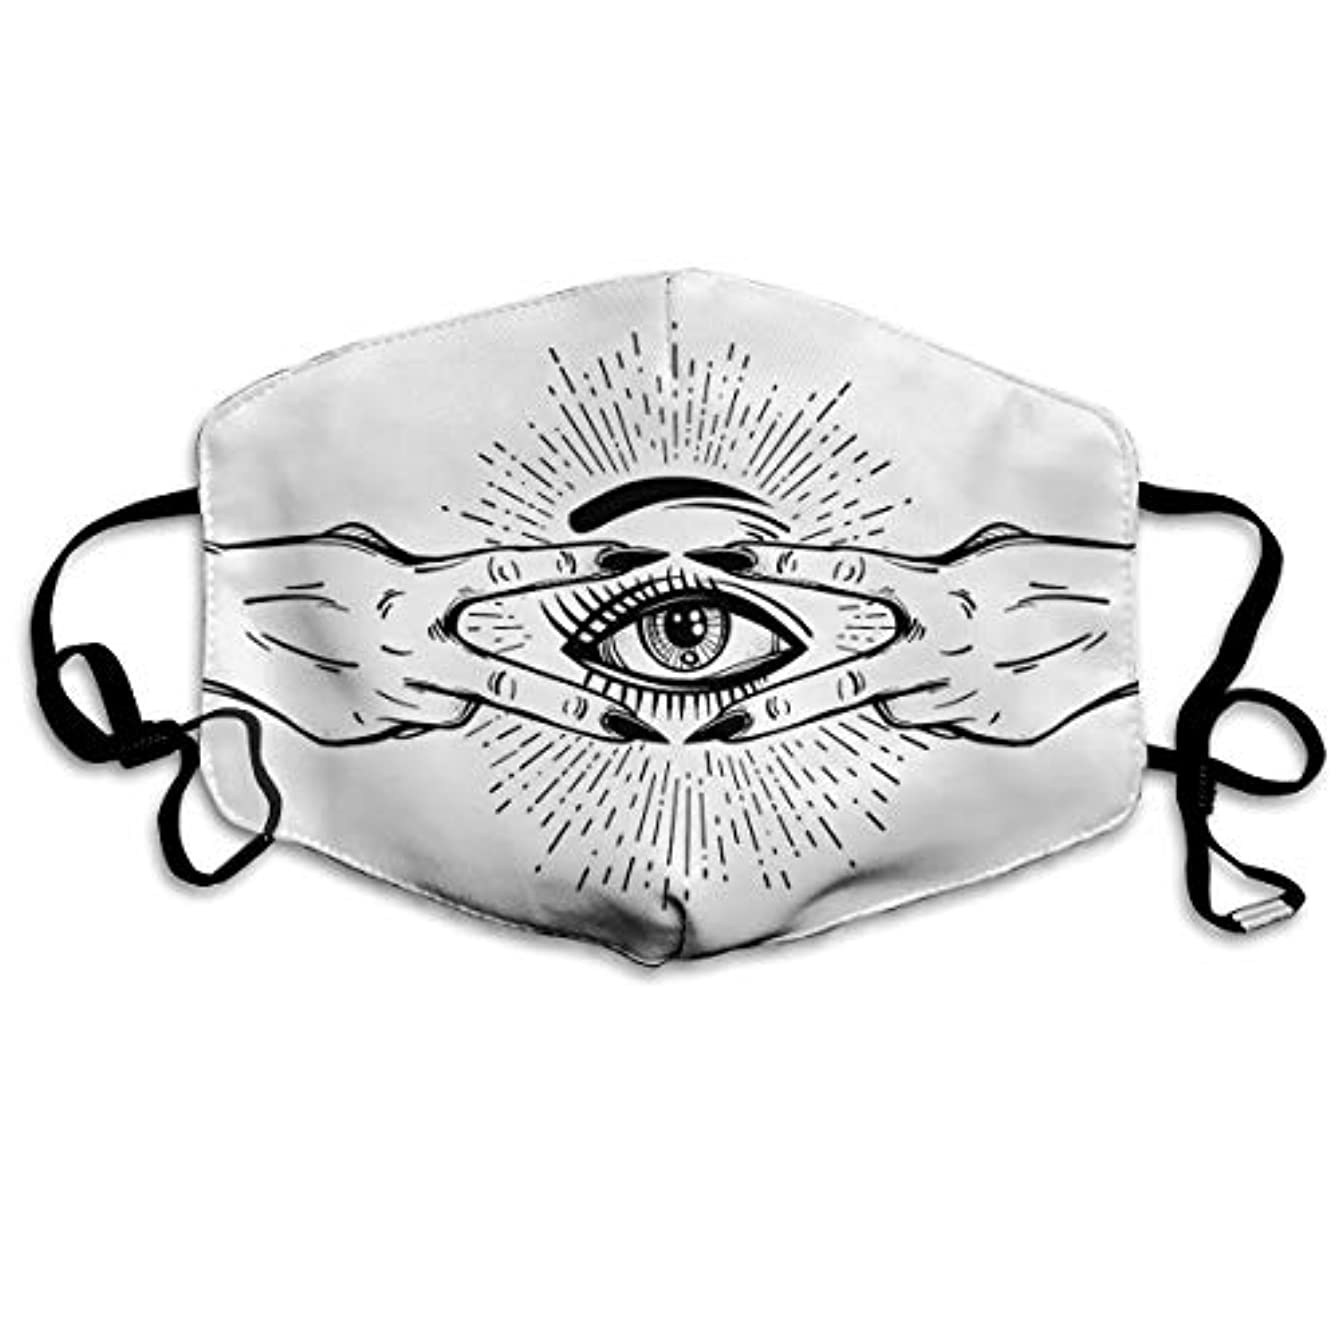 変数柔らかい探すAll-Seeing Eye マスクマスク防塵抗受粉不凍液再利用可能な手洗い保護フェイシャルユニセックス